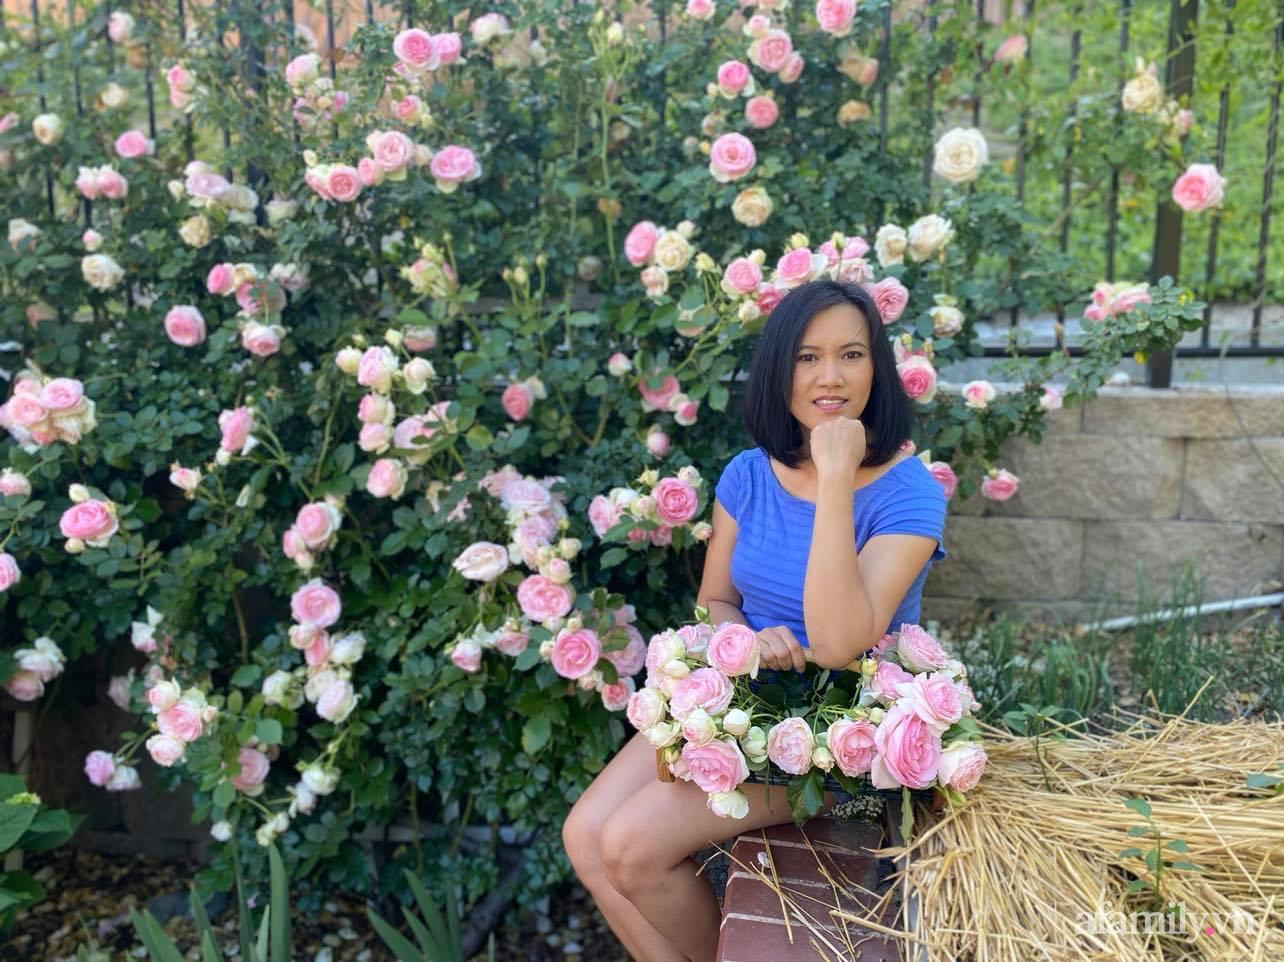 Khu vườn 750m² muôn hoa khoe sắc tỏa hương của mẹ Việt thức đêm chăm cây ở Mỹ - Ảnh 3.